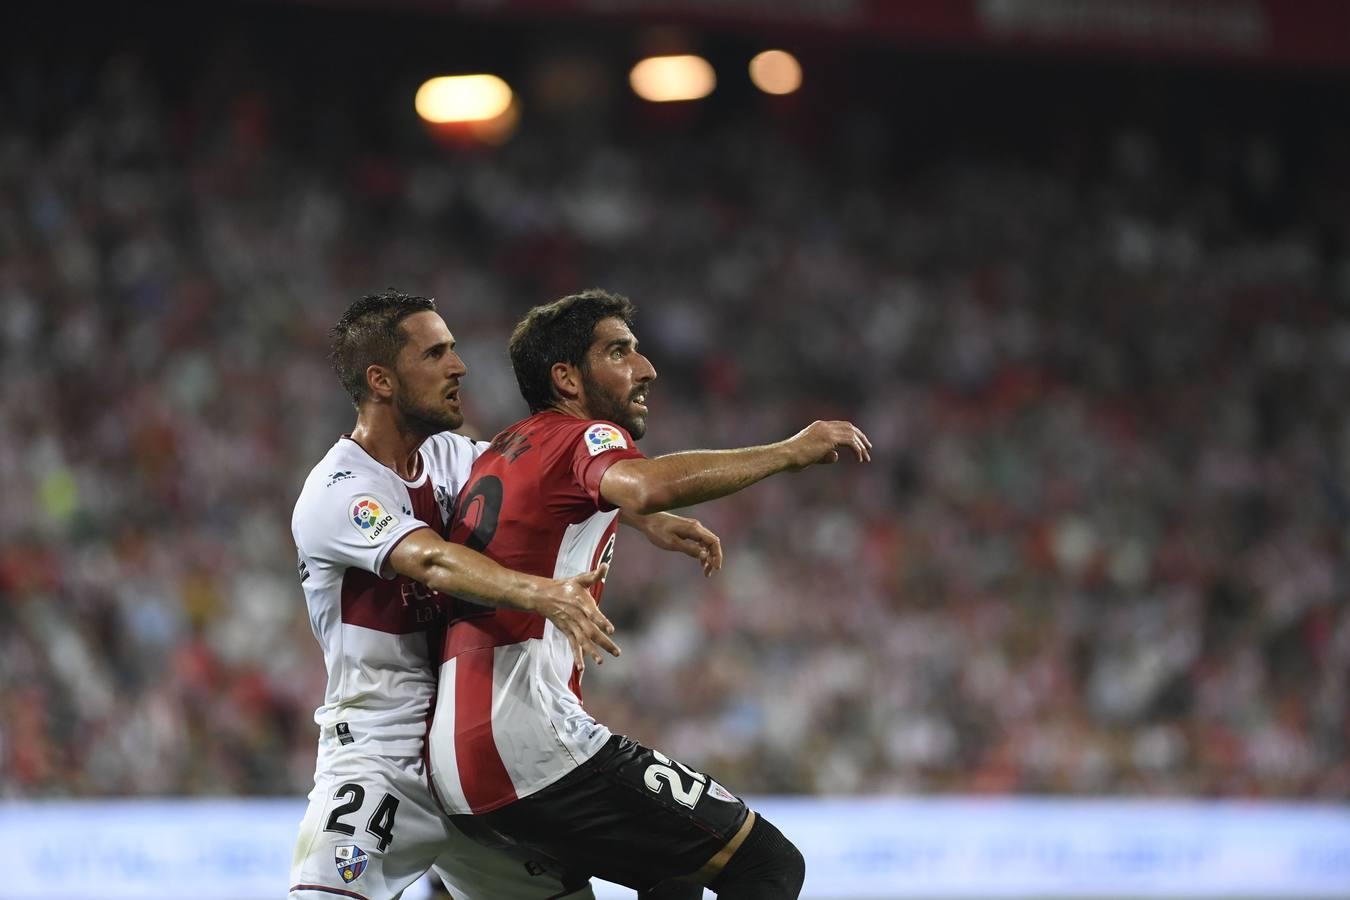 La ida de la Copa entre Athletic y Huesca se disputará el 28 de noviembre